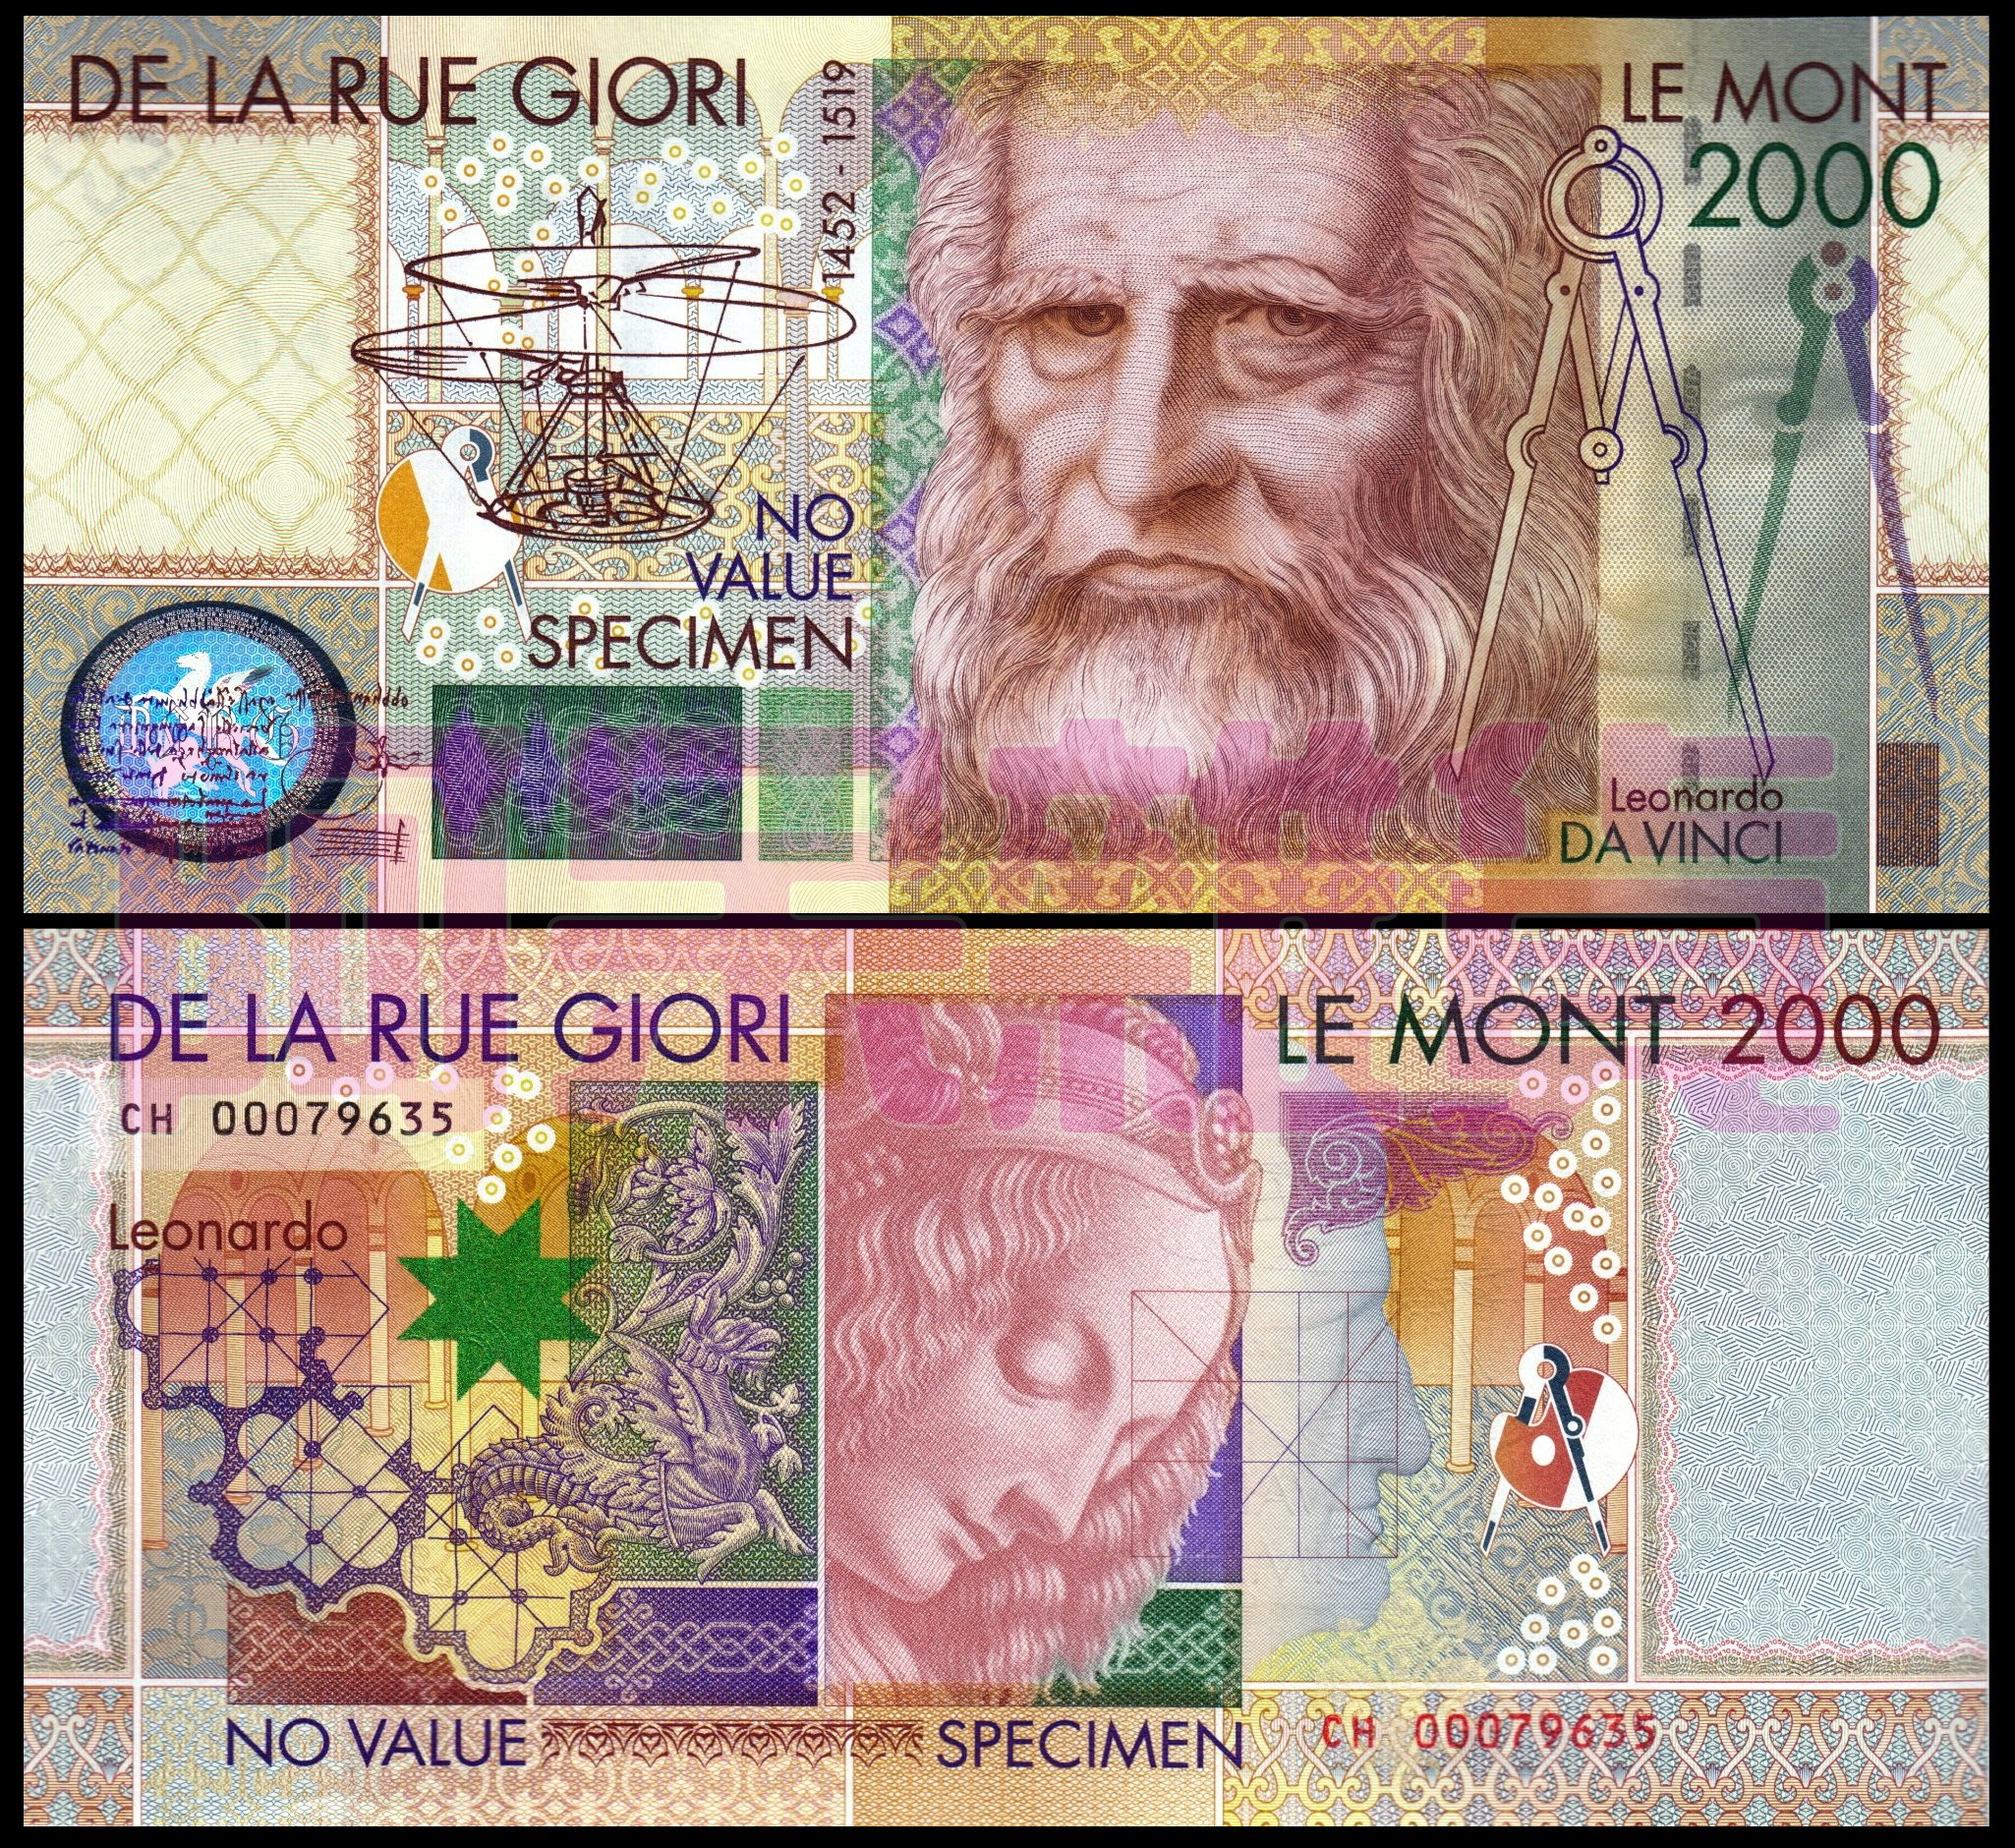 森羅本舖 現貨實拍 2000年 李奧納多 達文西 樣鈔 紀念鈔 測試鈔 畫 鈔票 文藝復興 歐洲 義大利 蒙娜麗莎的微笑